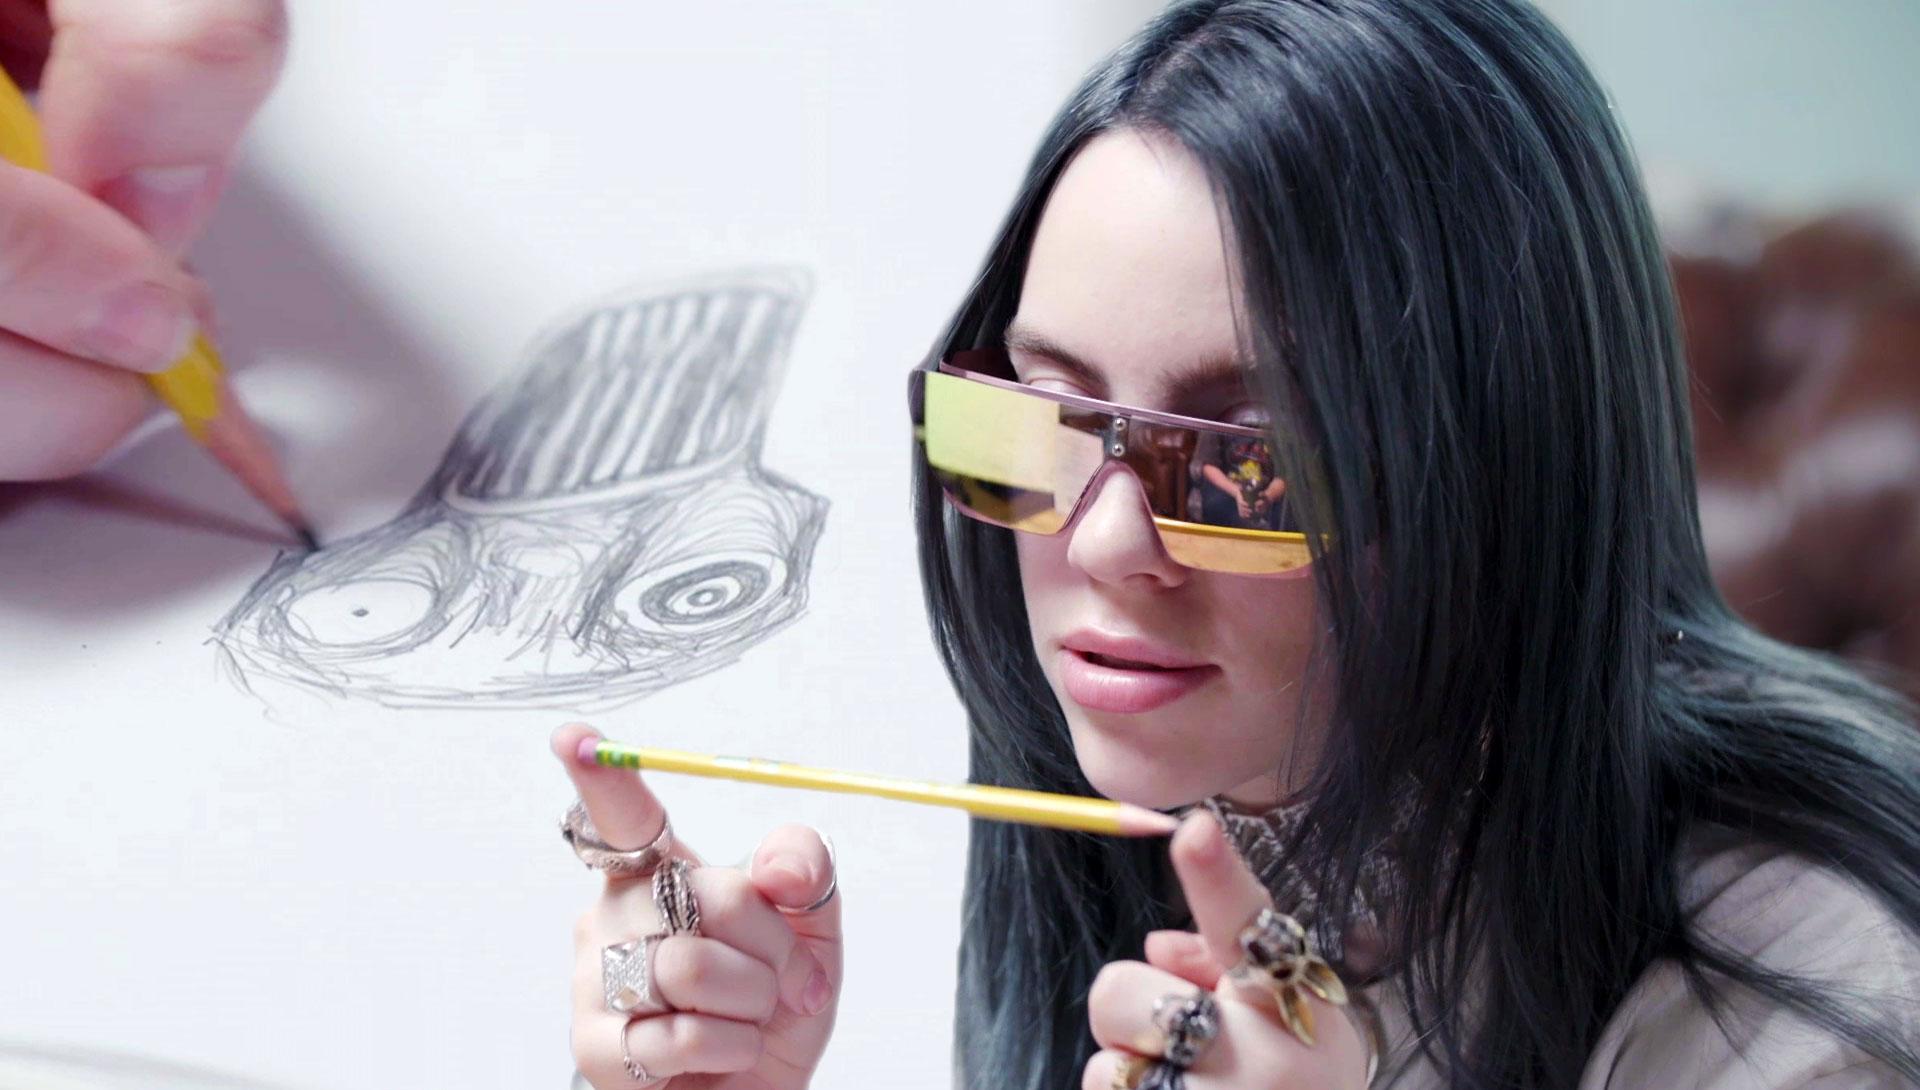 Watch Billie Eilish Talk 'Spirited Away' While Drawing Her Self-Portrait